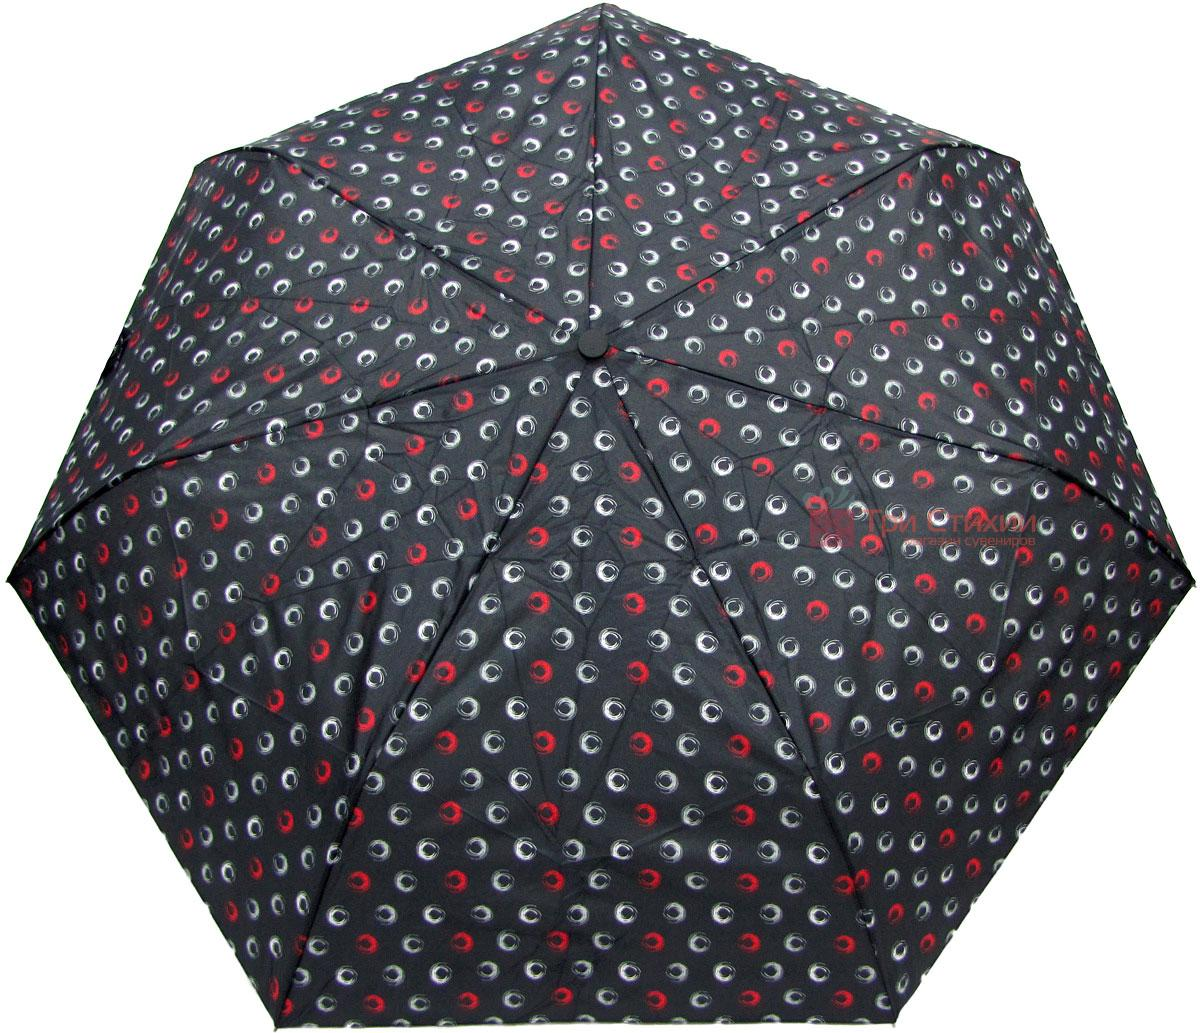 Зонт складной Derby 744165PHL-2 полный автомат Черный круги, Цвет: Черный, фото 2